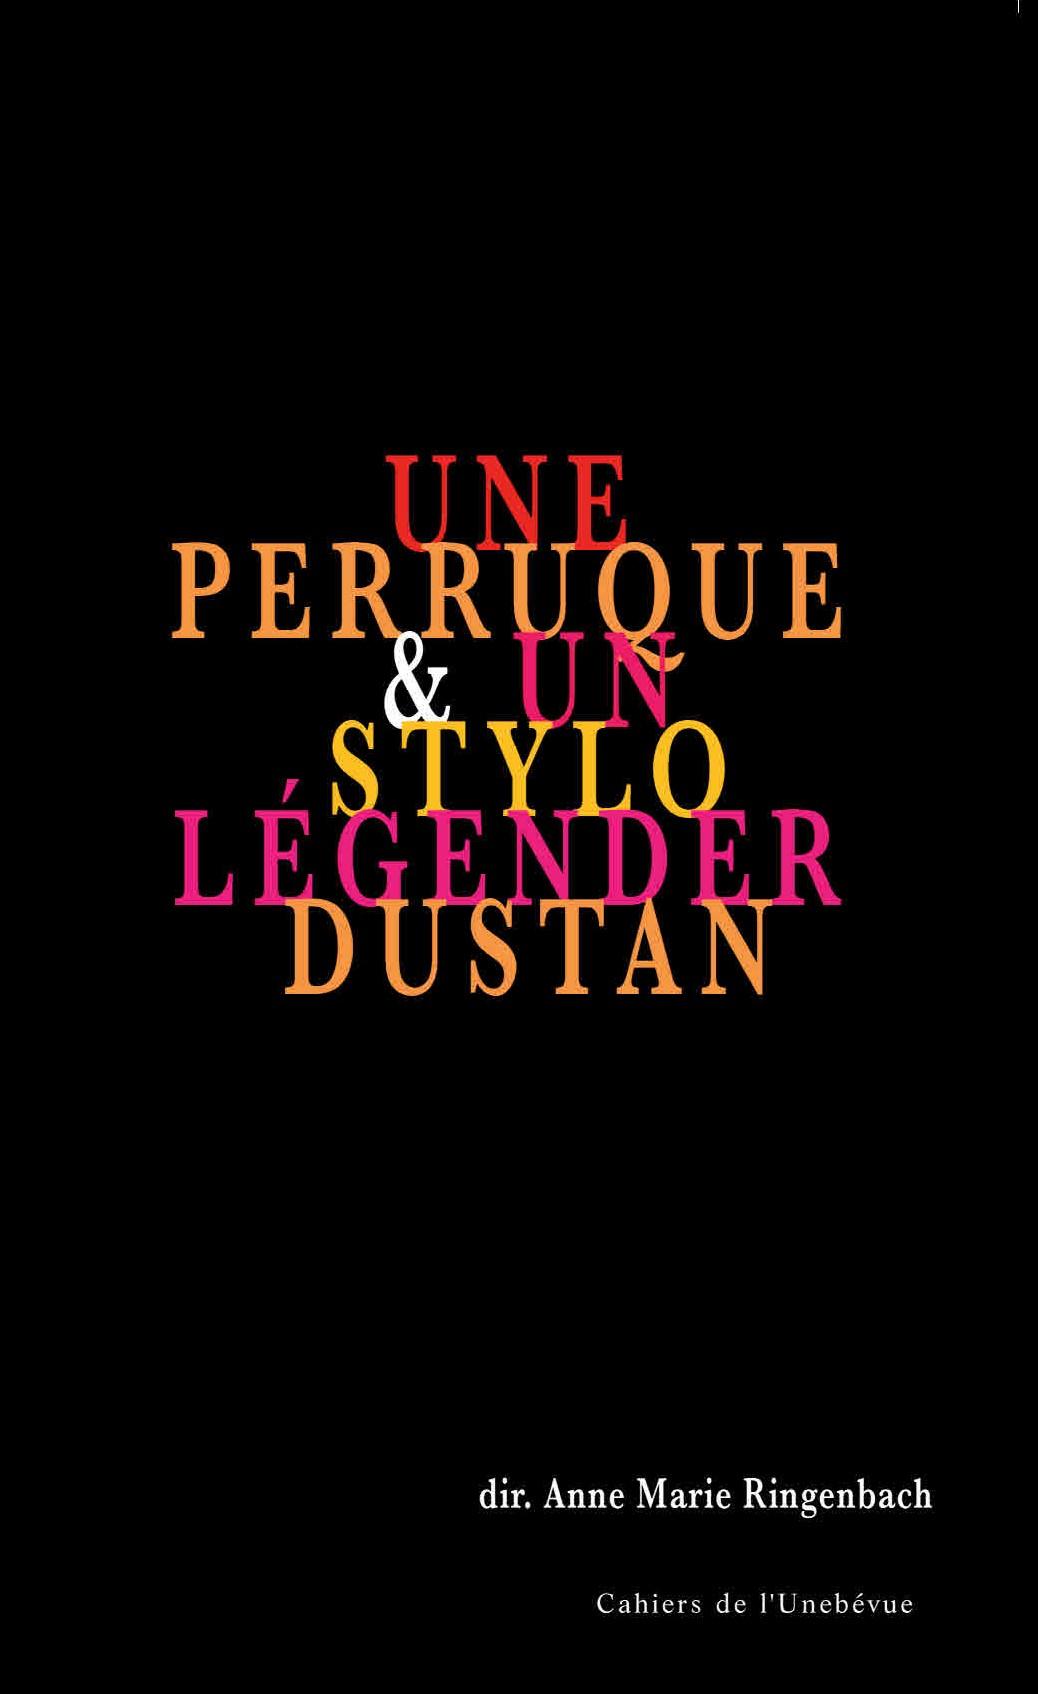 A. M. Ringenbach (dir.), Une perruque & un stylo. Légender Dustan